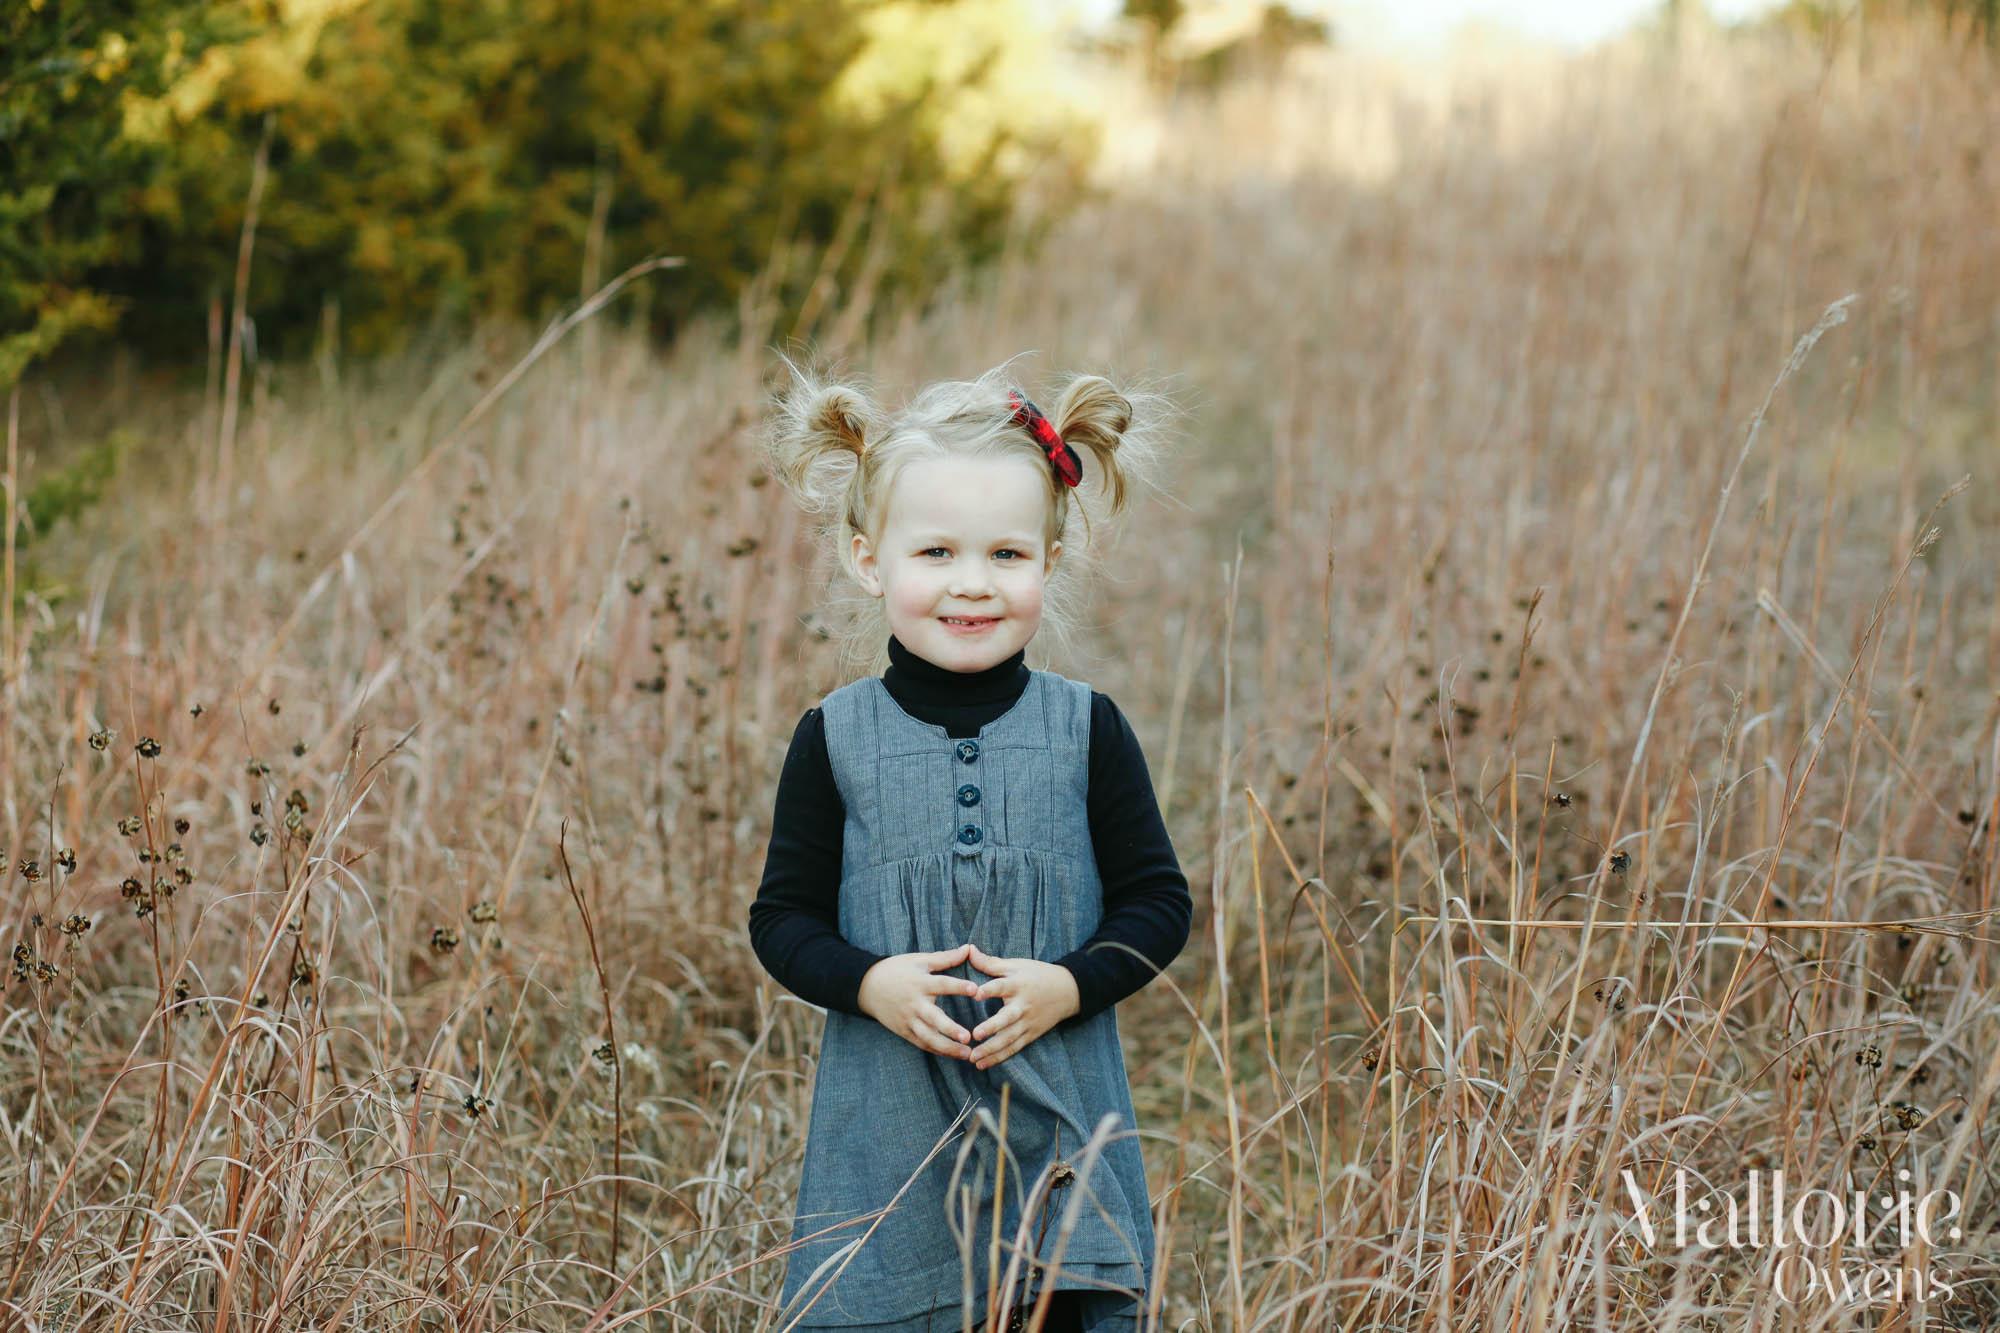 Child Portrait Photography | MALLORIE OWENS